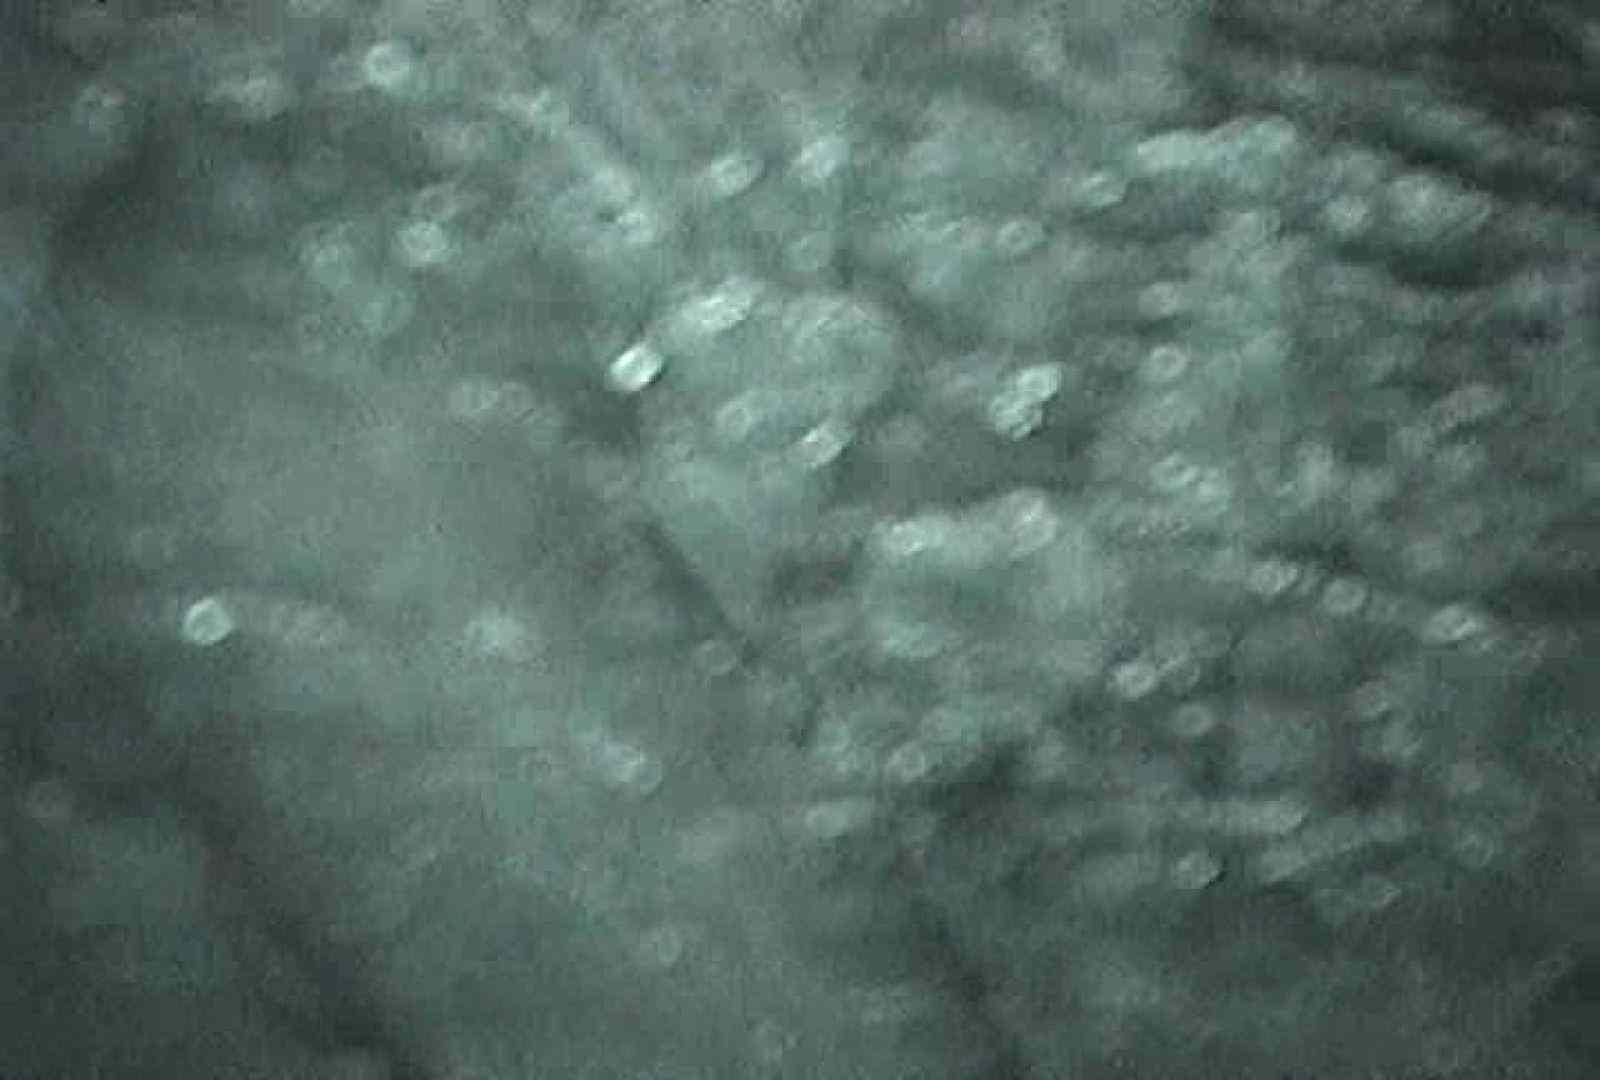 充血監督の深夜の運動会Vol.92 ギャルのエロ動画 AV無料動画キャプチャ 82画像 35